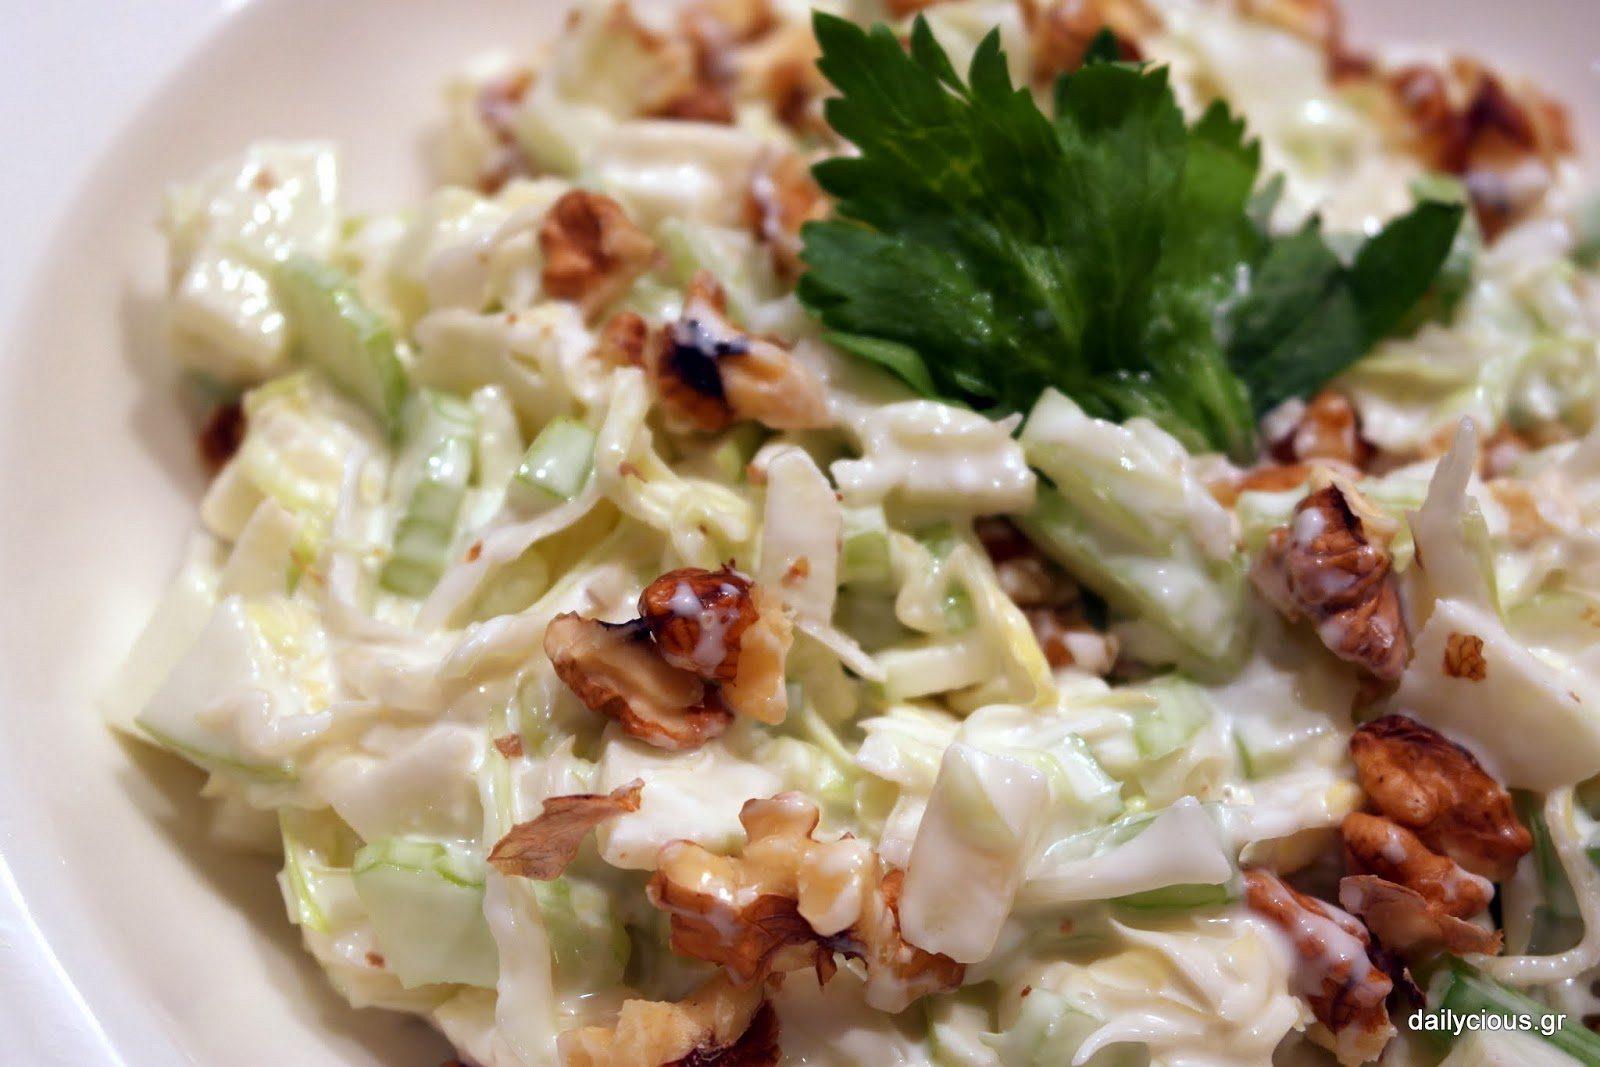 Σαλάτα με σέλερι, πράσινο μήλο και καρύδια (Waldorf Salad).